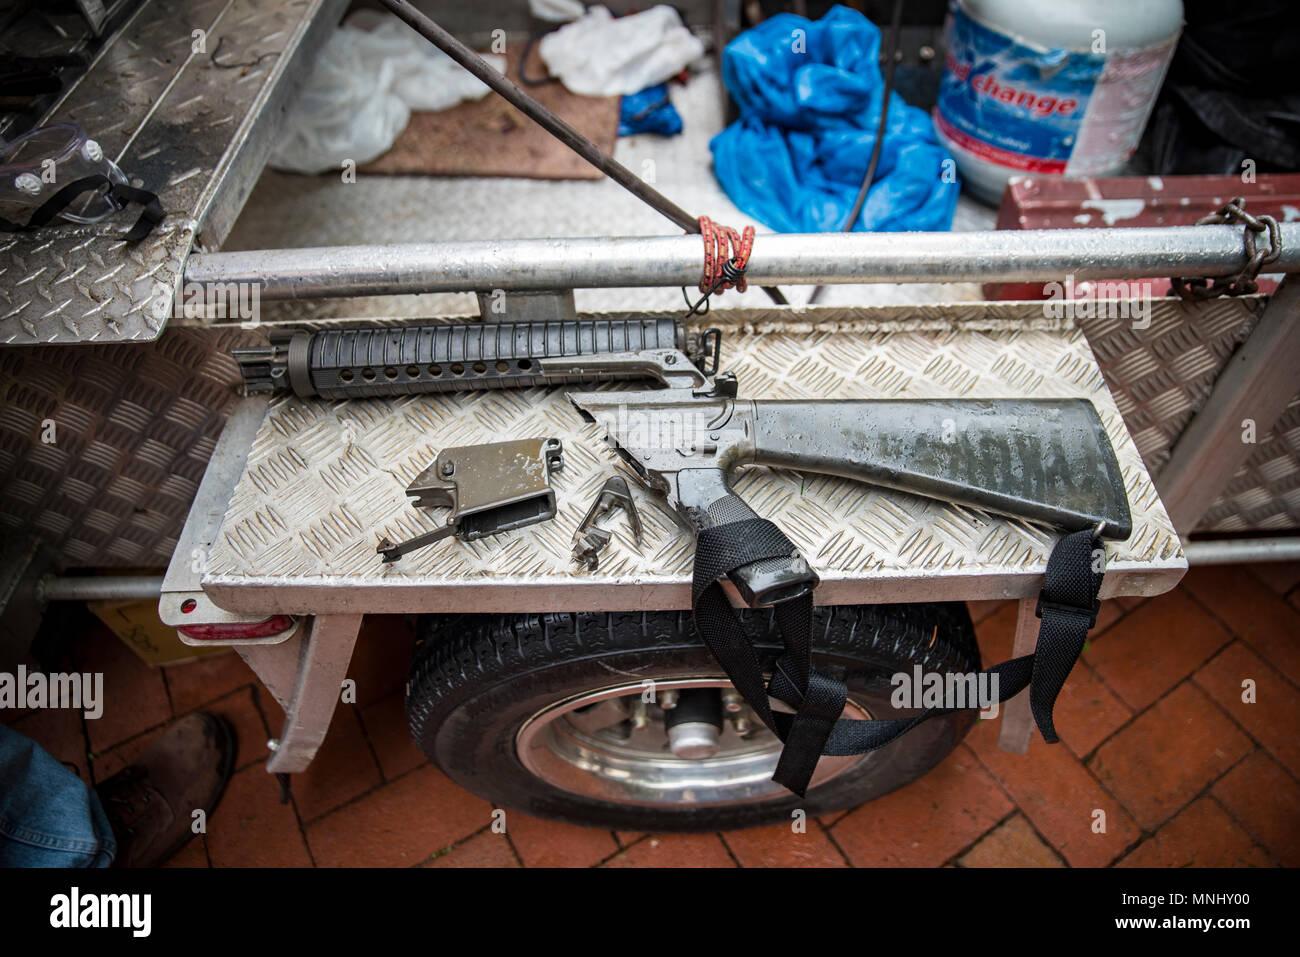 Philadelphia, Pennsylvania/USA. Aktivisten aus der gemeinschaftlichen Organisationen bezüglich - Zweck eine AR-15 als Teil der Tag der Aktion fordert Senator Pat Toomey (R-PA) zu Co-sponsor Bill S. 2095 der Verkauf und die Herstellung von Angriff Waffen zu verbieten. 16. Mai 2018. Quelle: Chris Baker Evens Stockbild